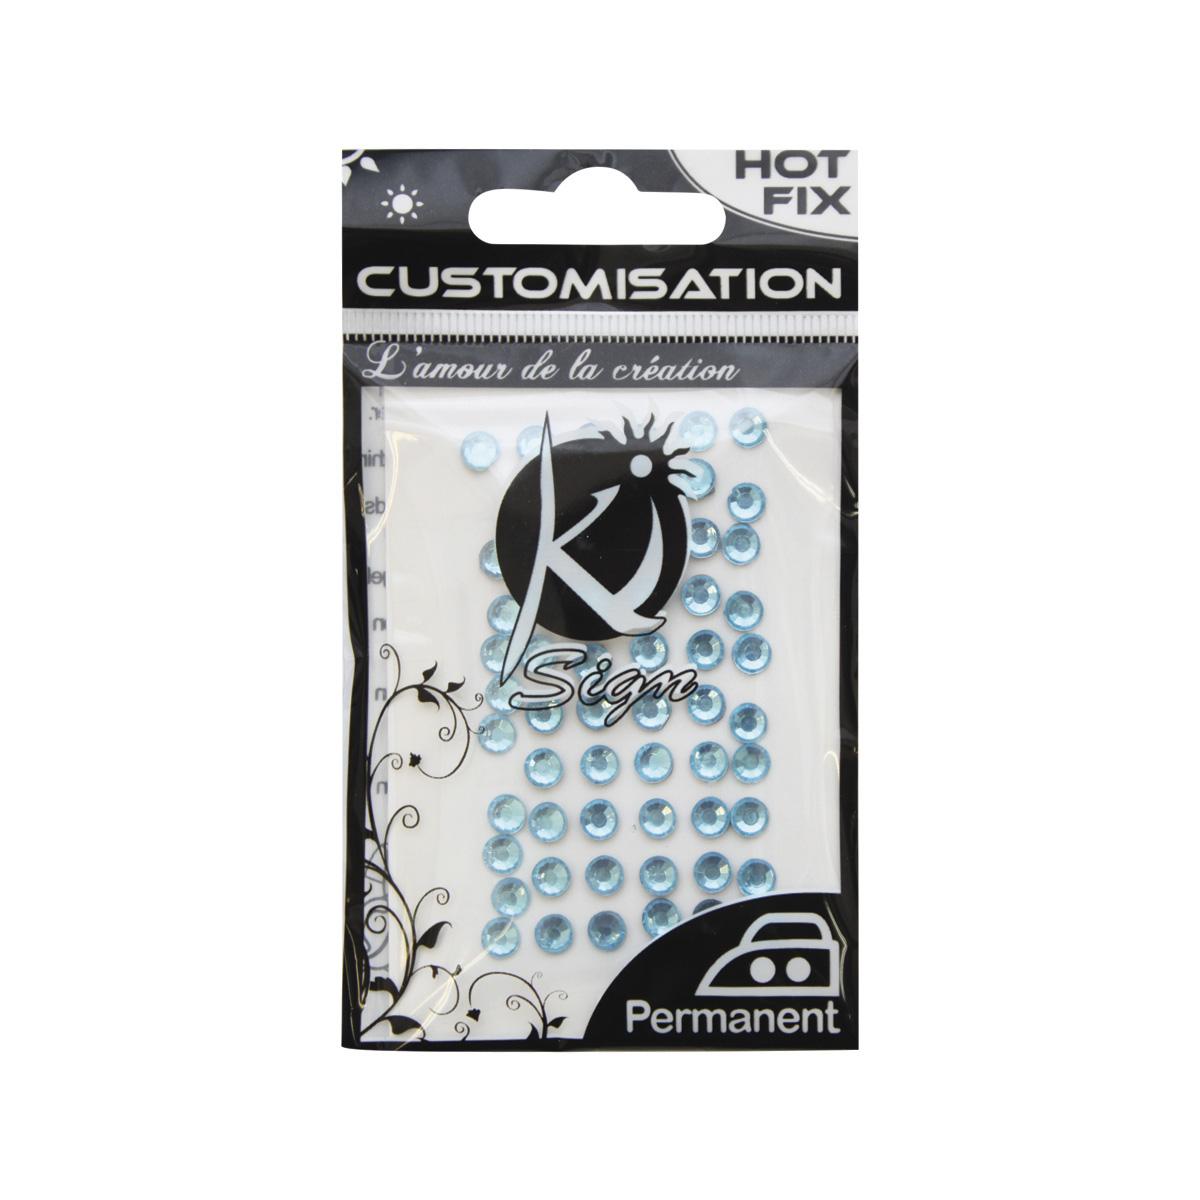 KS-C-STRASS-5 Термоклеевые стразы стеклянные 5мм, 60шт Ki Sign